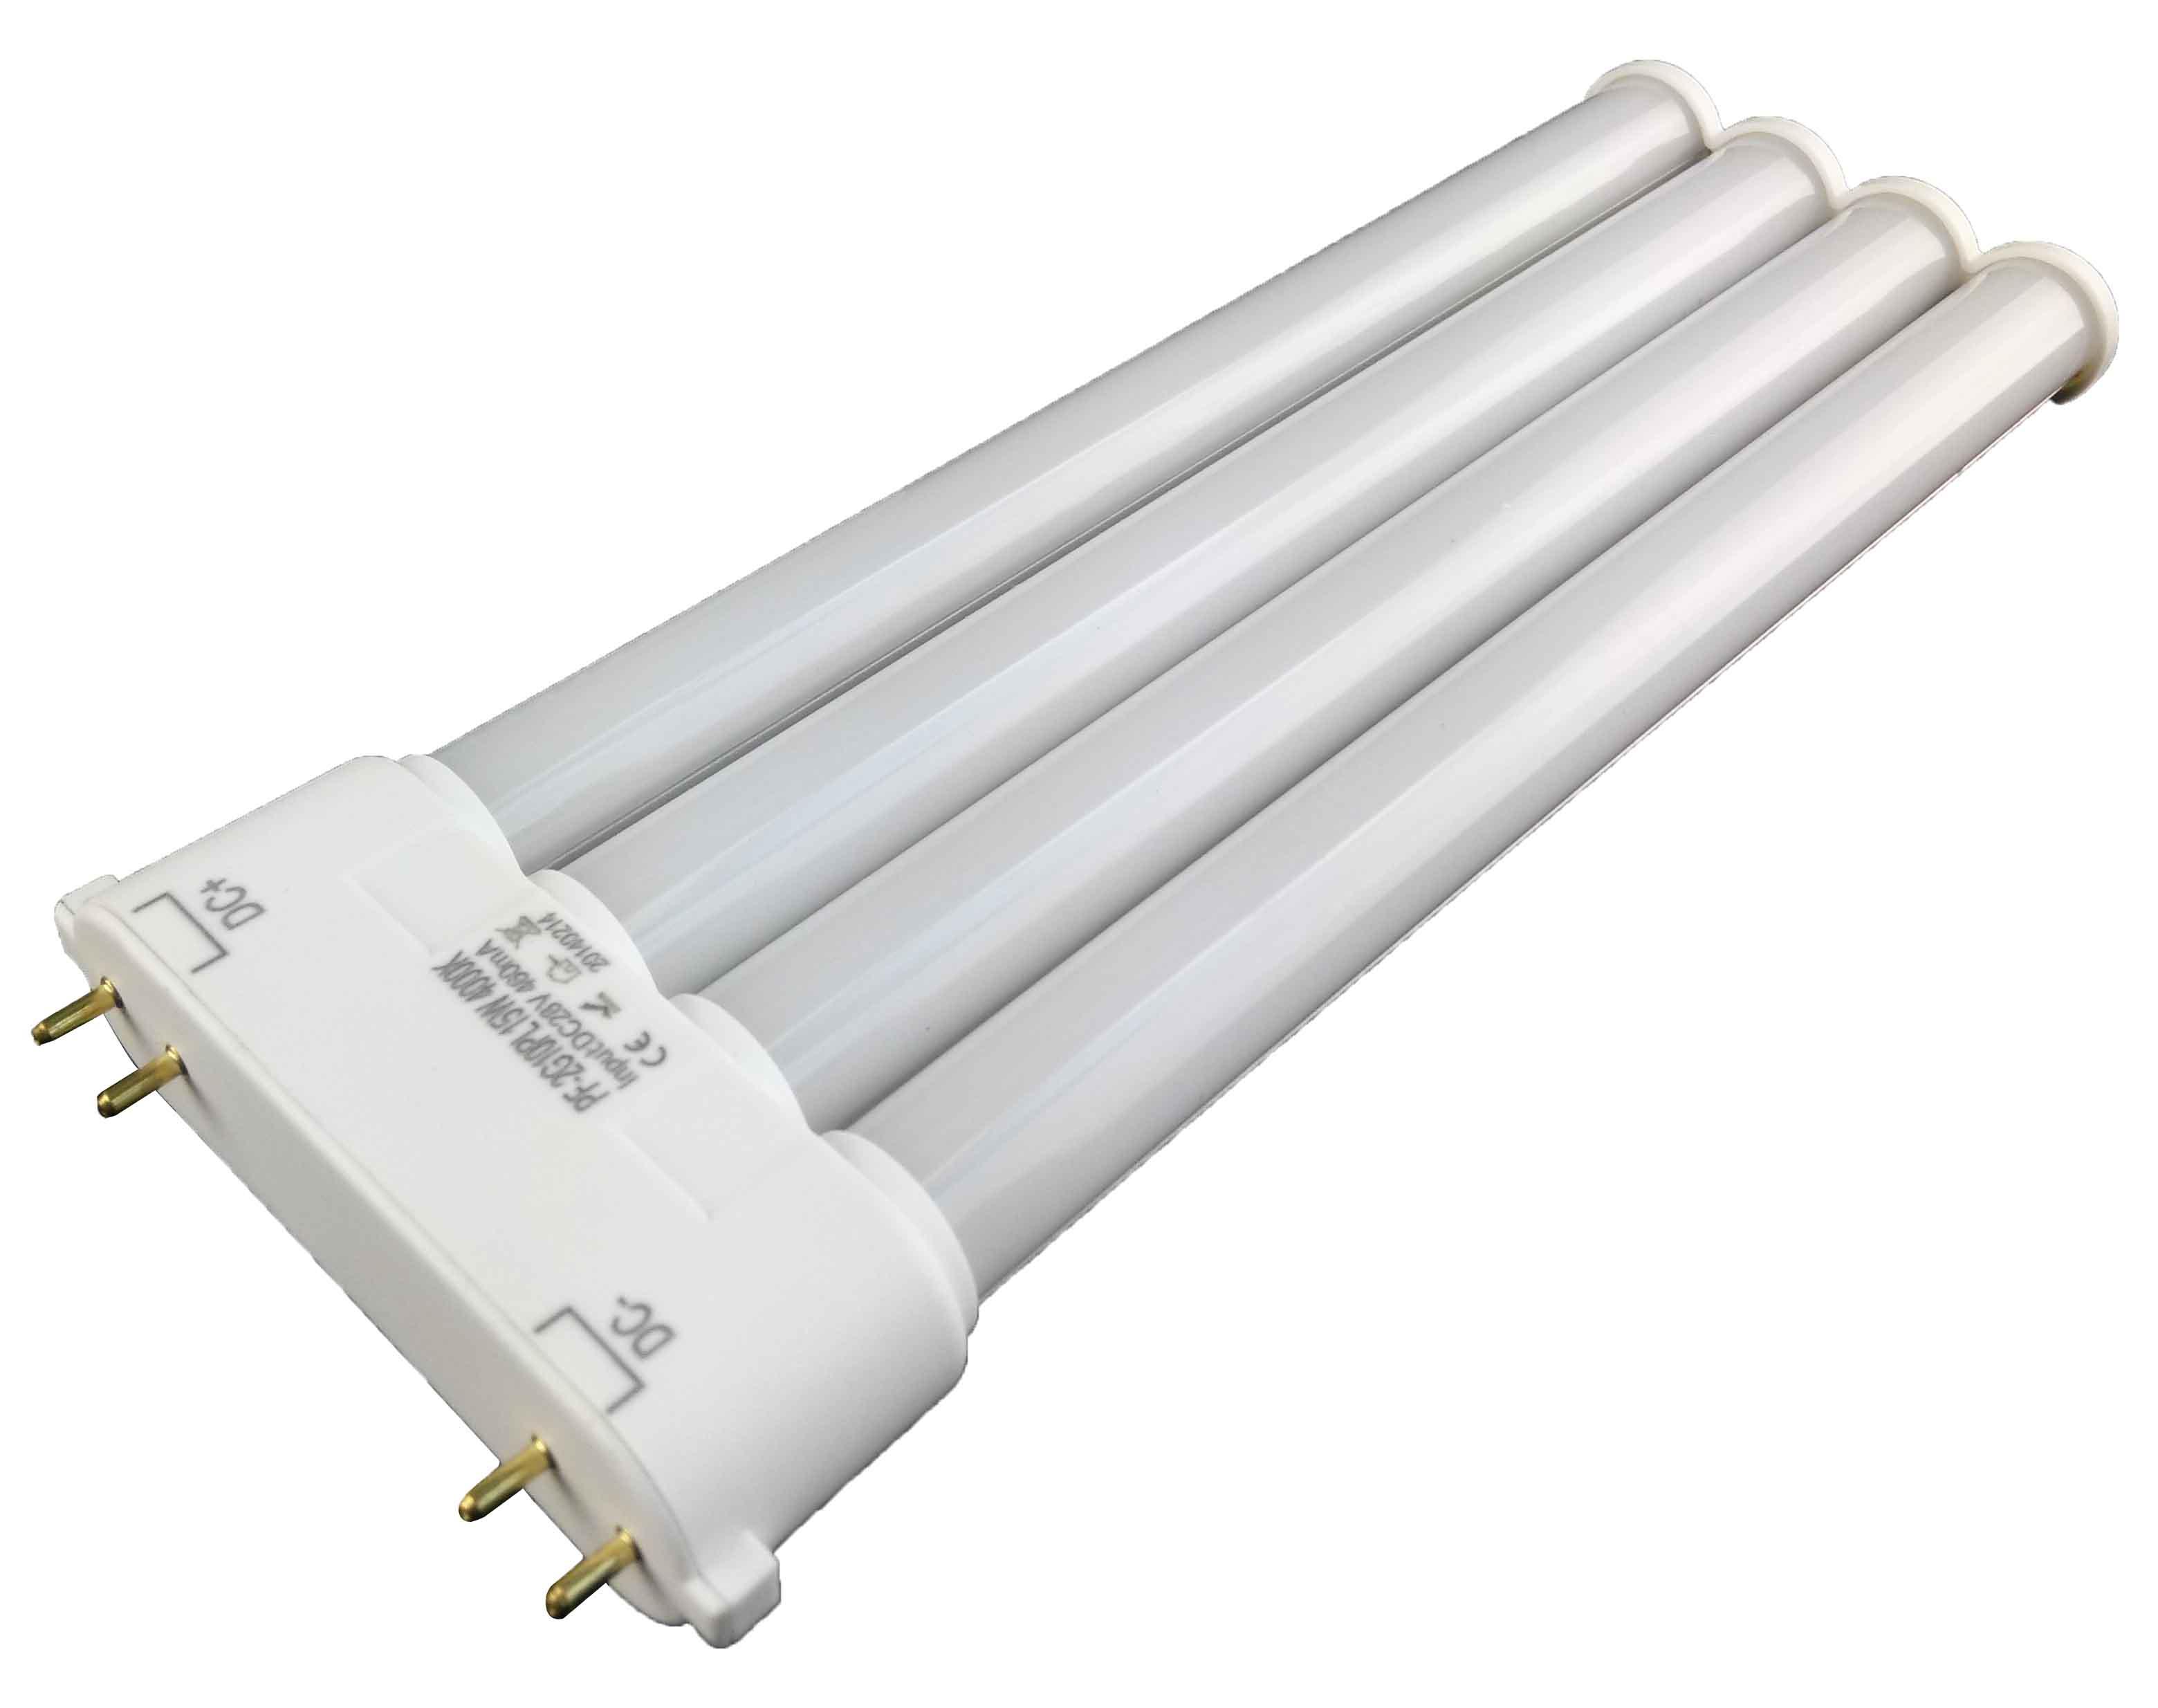 internal-isolated-led-driver-13W-LED-PL Spannende Led Lampen 12 Volt Dekorationen